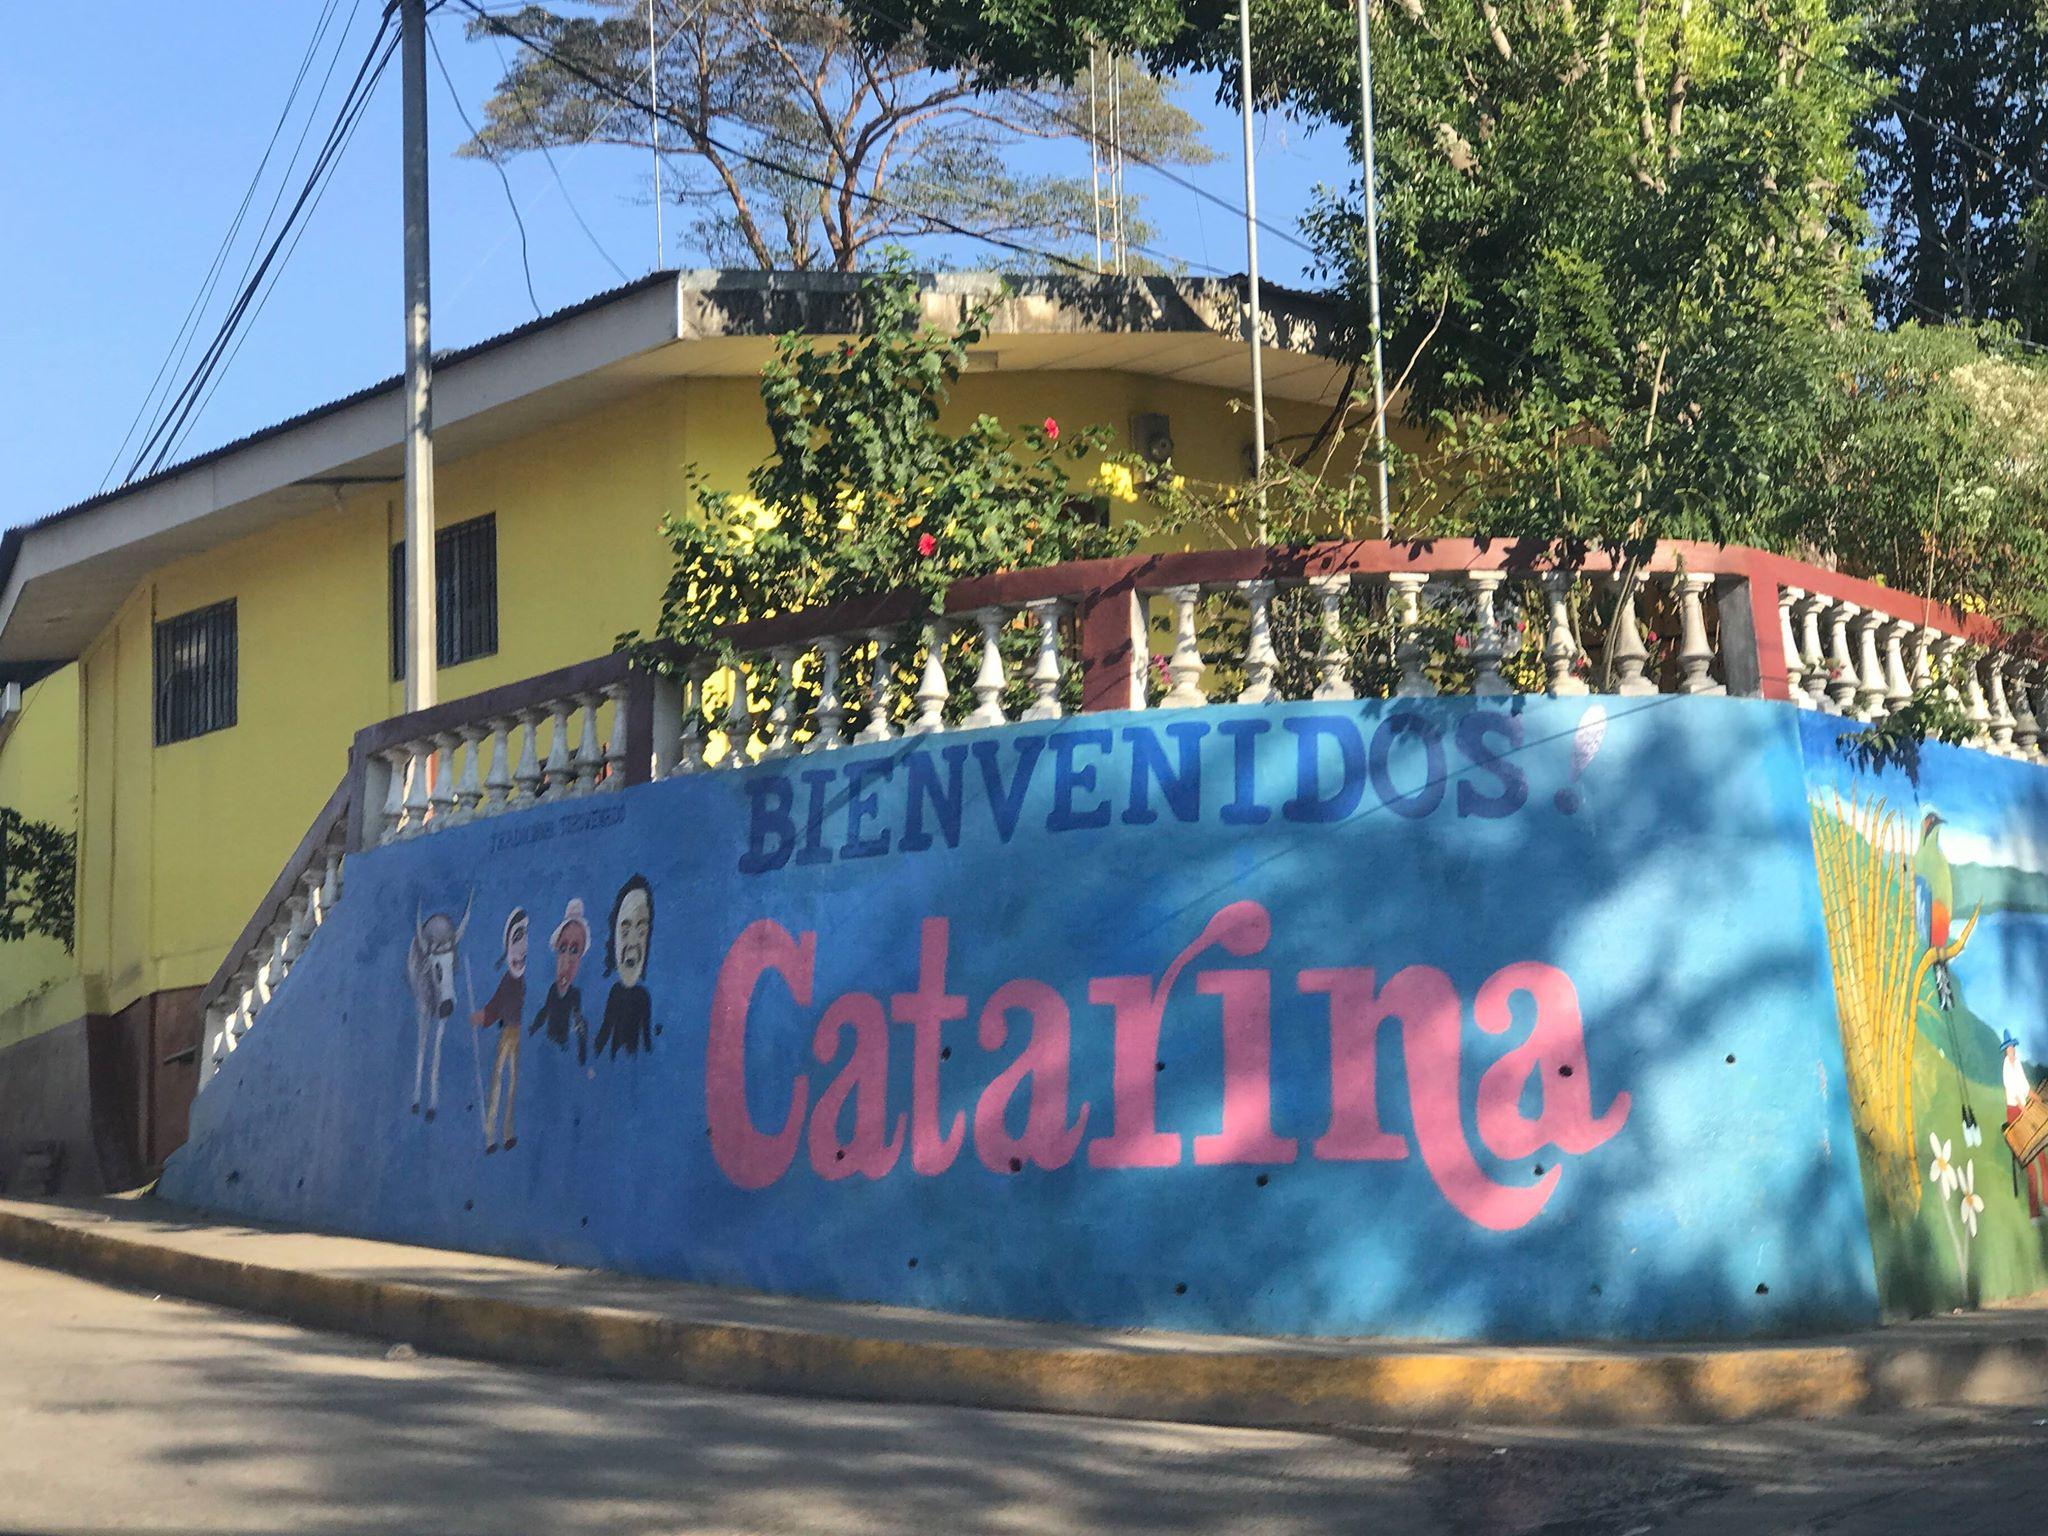 ¿Cómo llegar hasta Catarina desde Managua?